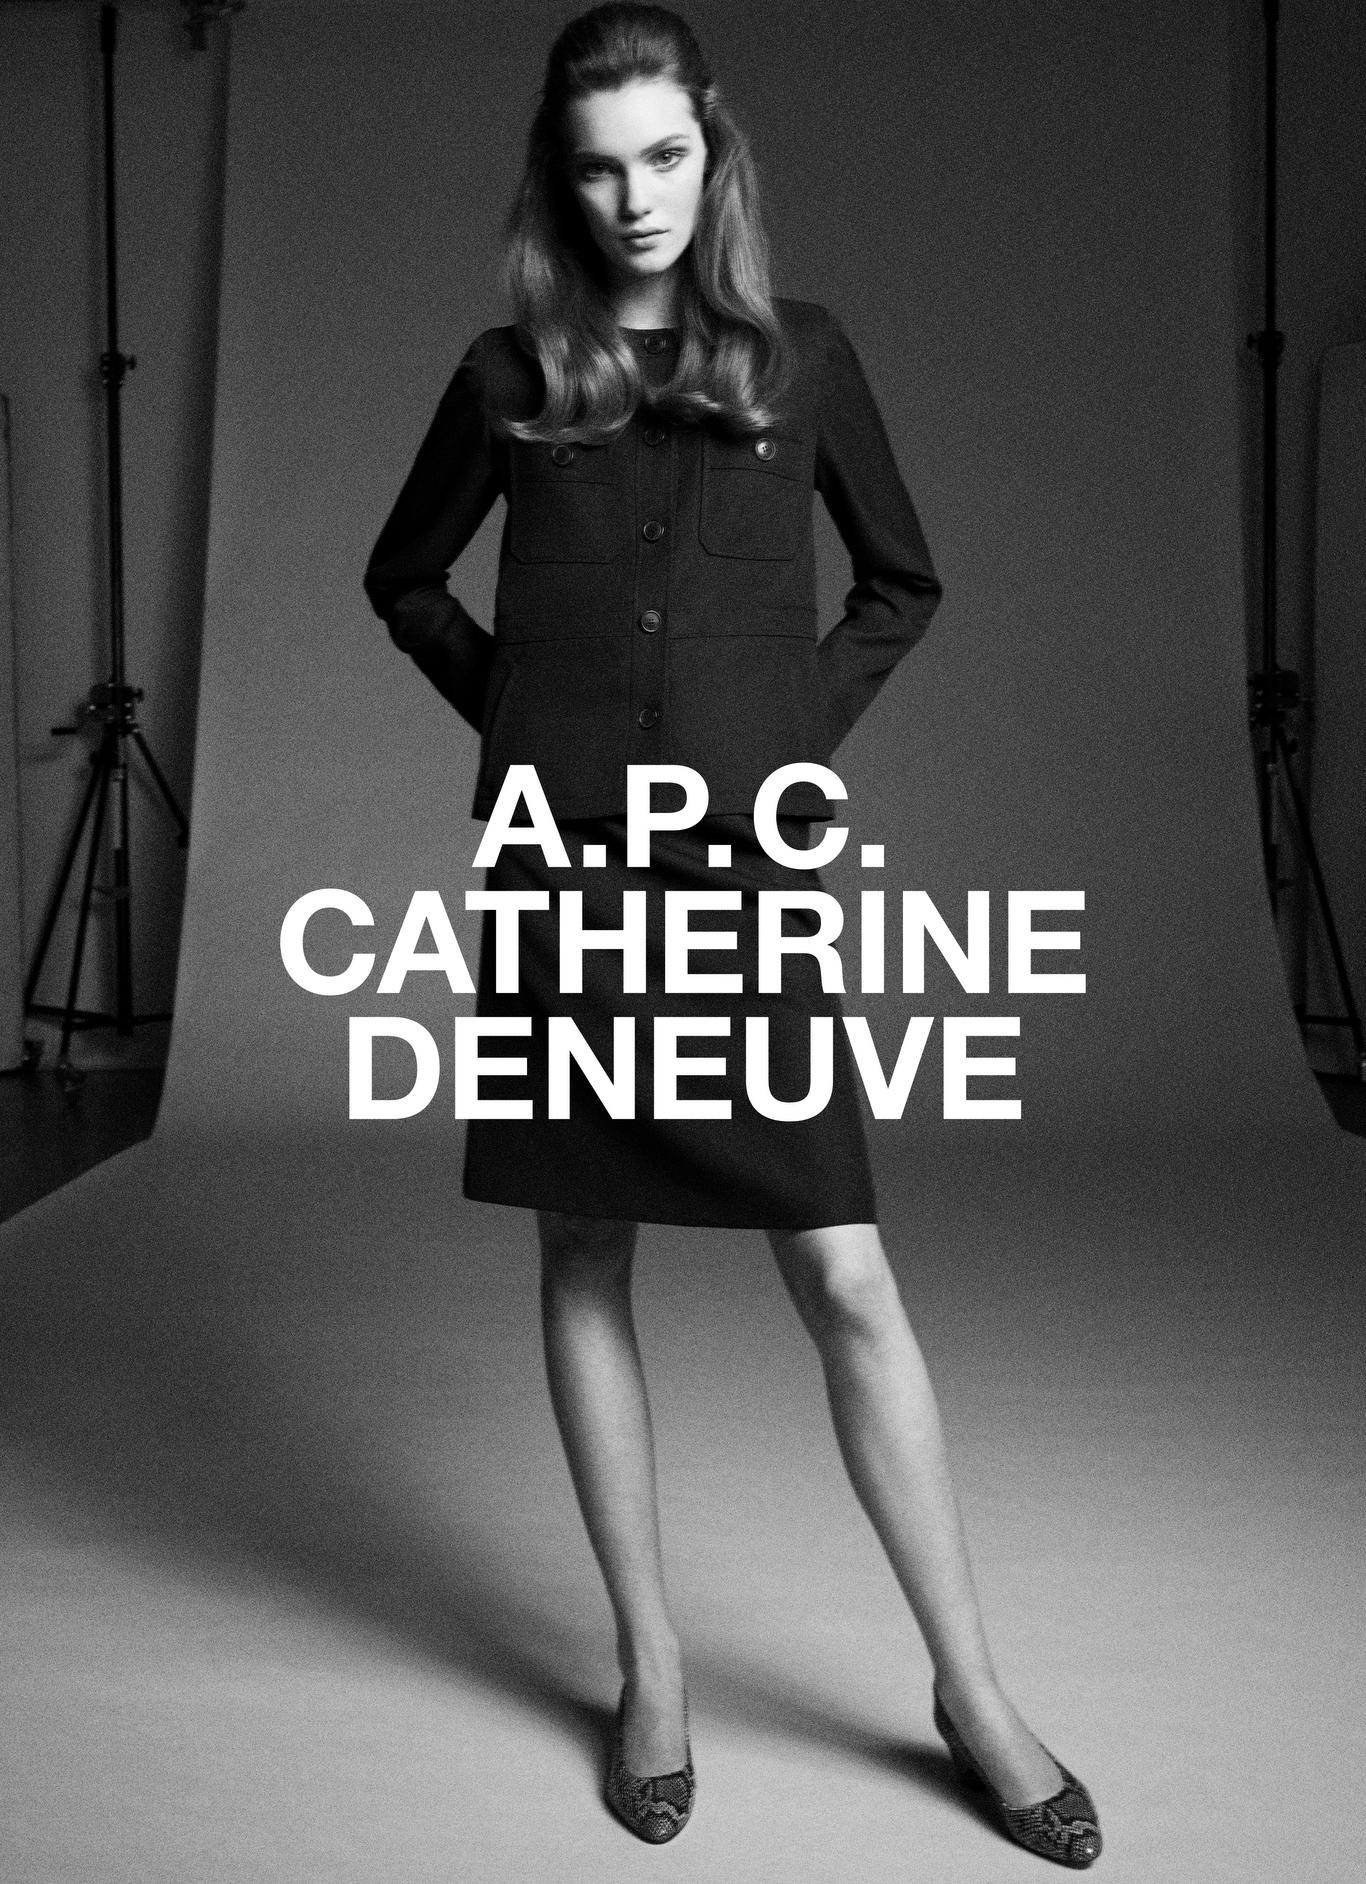 Катрин Денев создала коллекцию одежды для A.P.C. (ФОТО) - фото №1